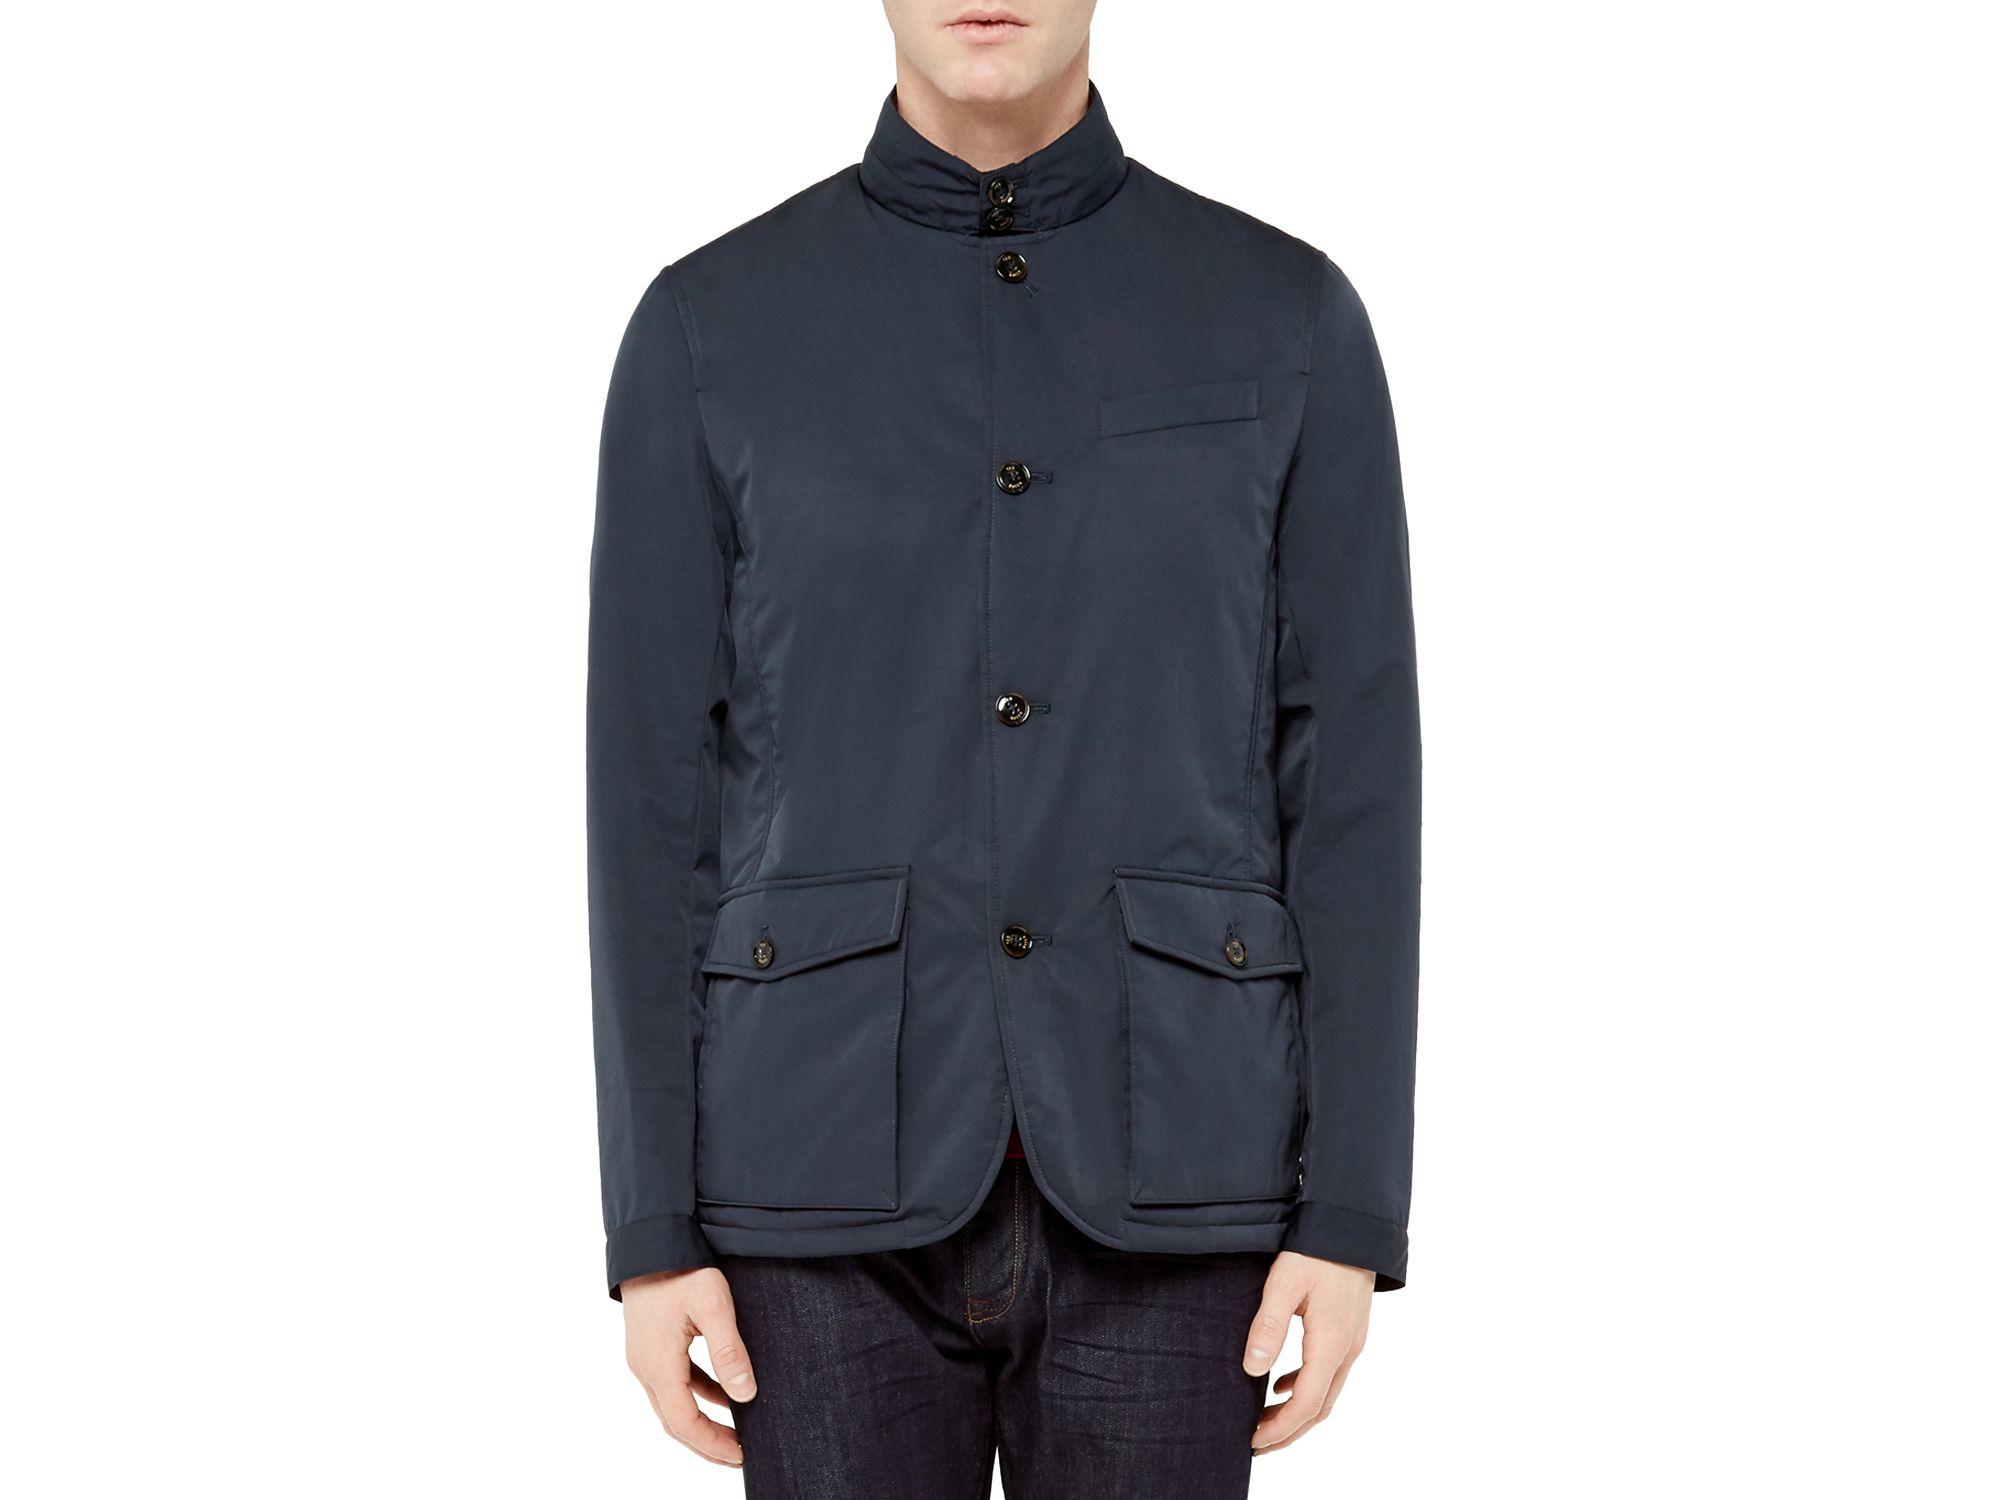 165b3e42844b76 Lyst - Ted Baker Bronski Layering Jacket in Black for Men